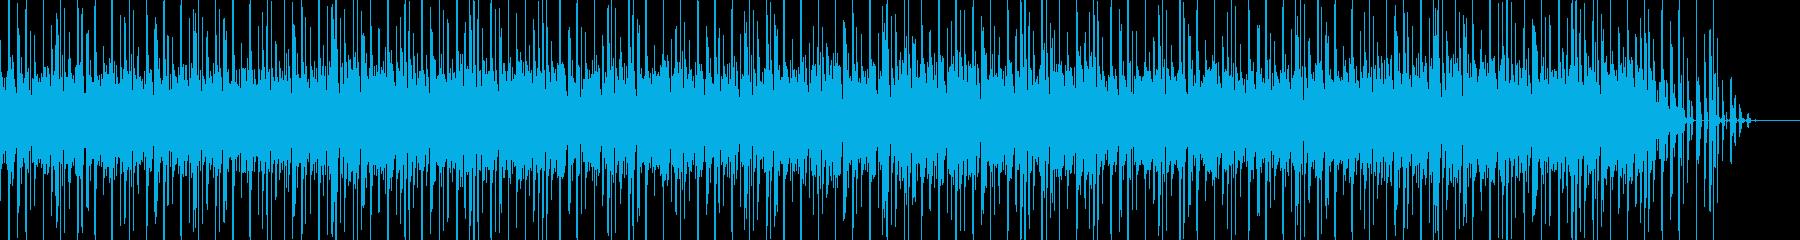 電気楽器。滑らかで滑らか。きらめく...の再生済みの波形